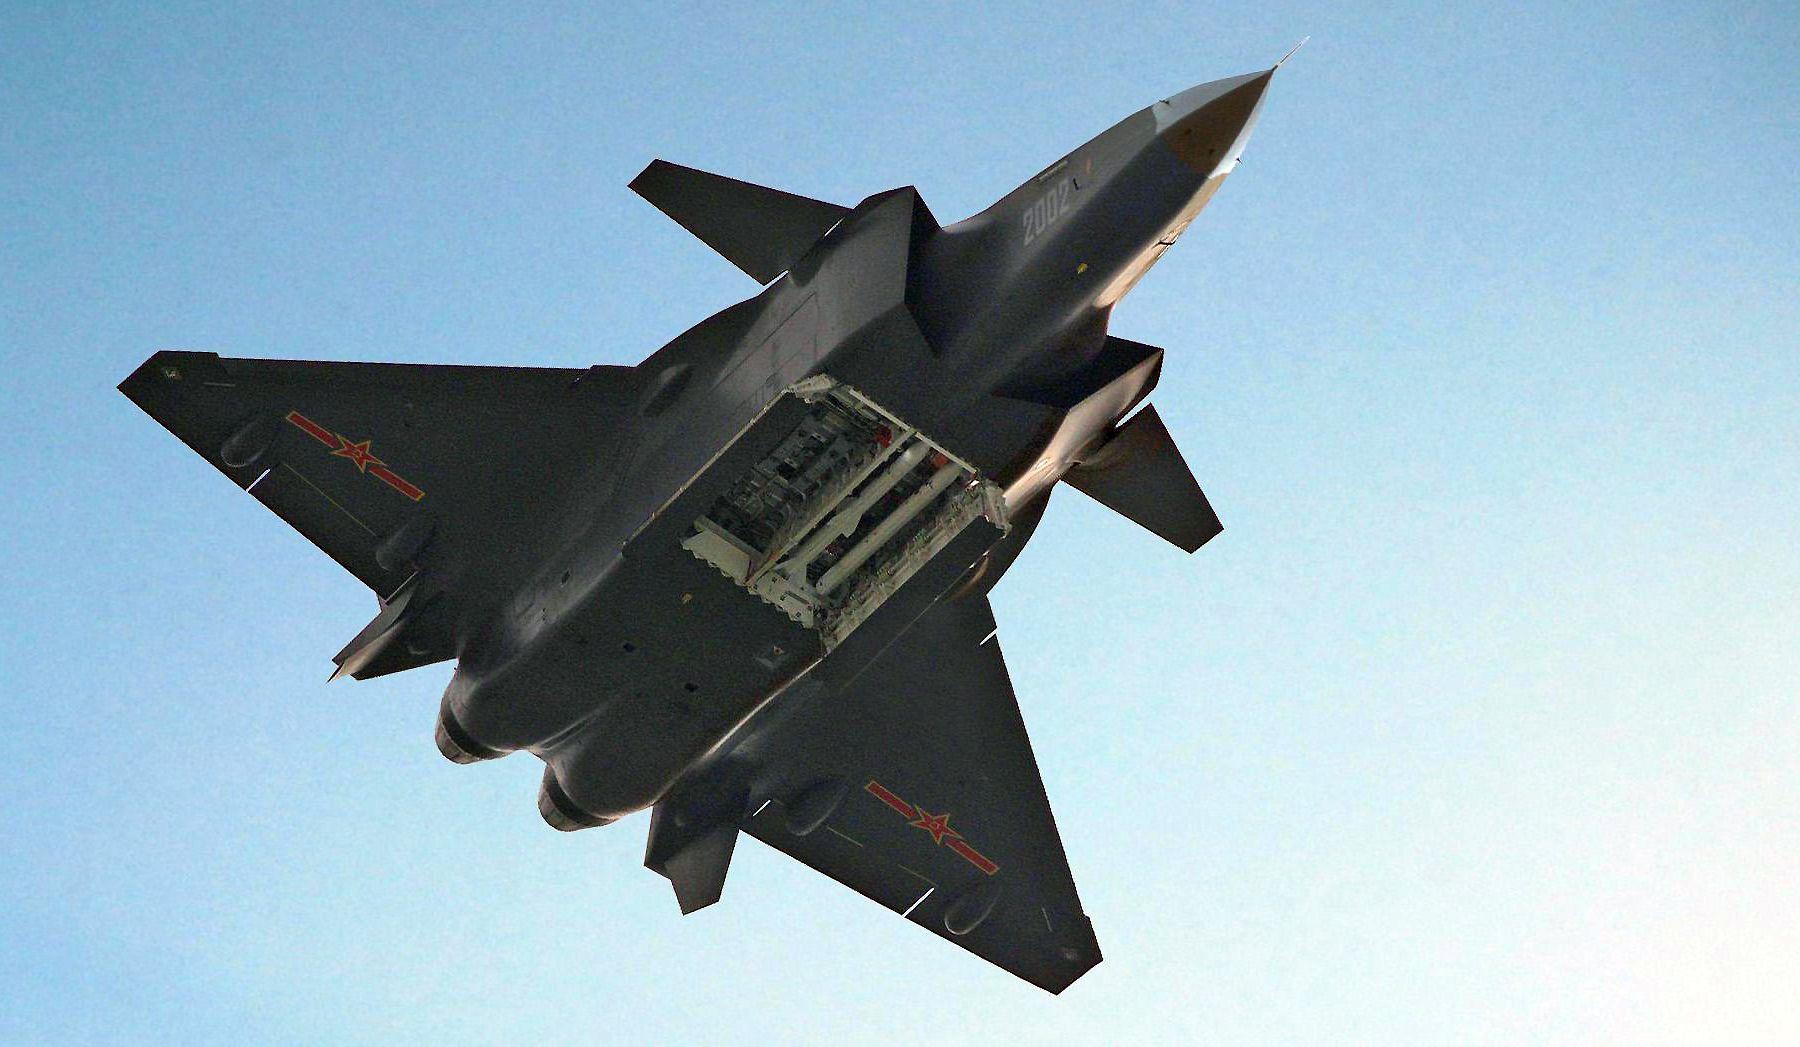 5be7b48b4e Por qué el avión J-20 de China no puede ser rival para los F-22 y F-35 de Estados  Unidos. – Galaxia Militar